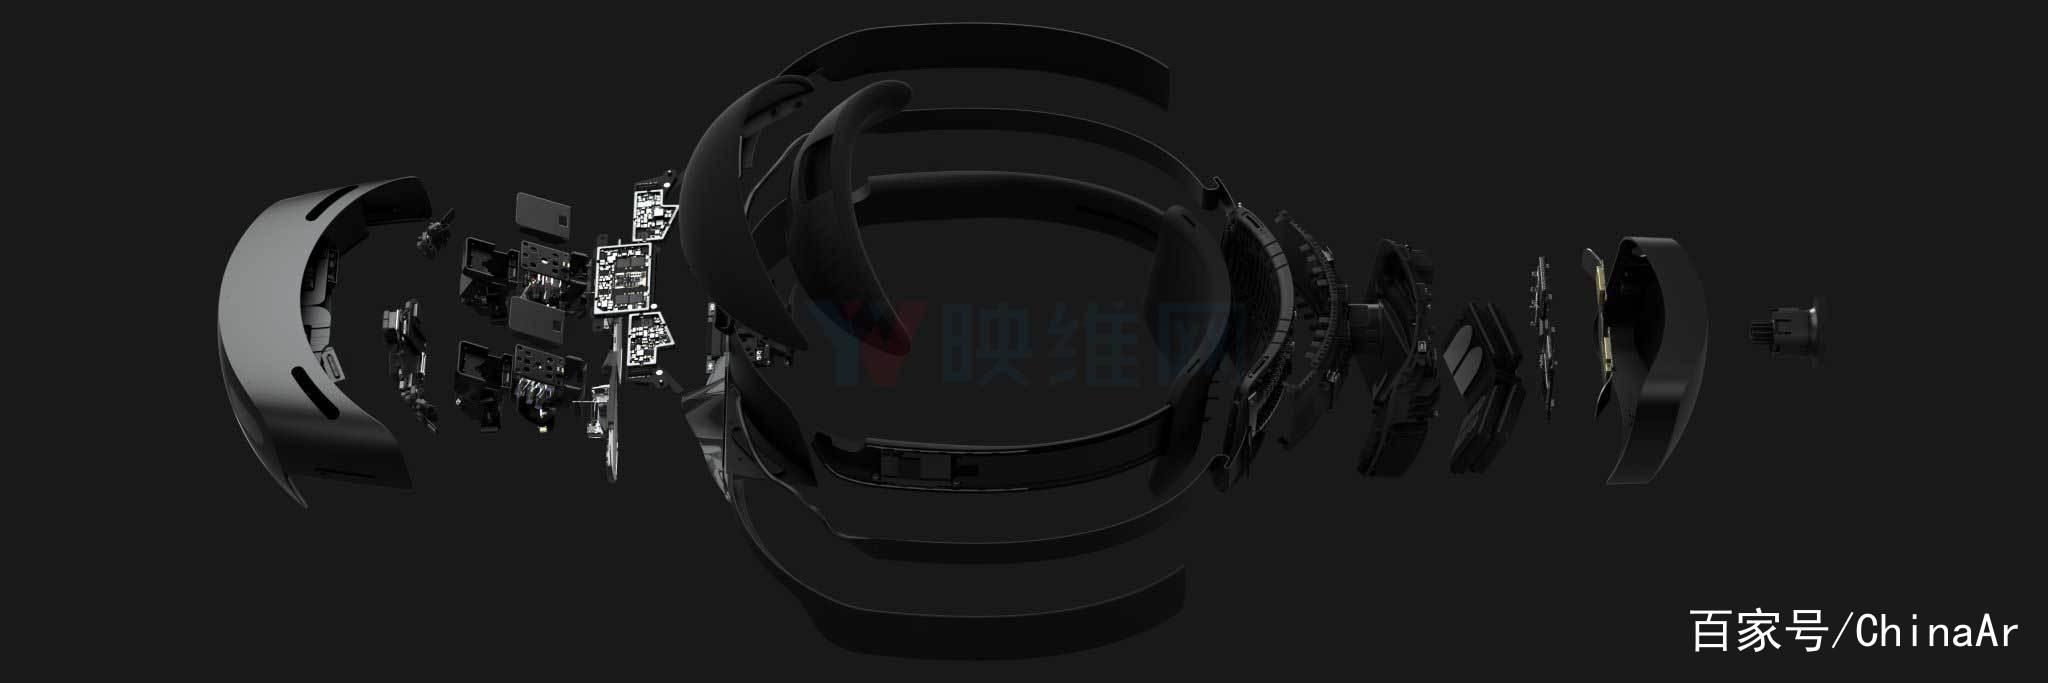 微软HoloLens 2打造下一代AR/MR智能计算平台 AR资讯 第3张